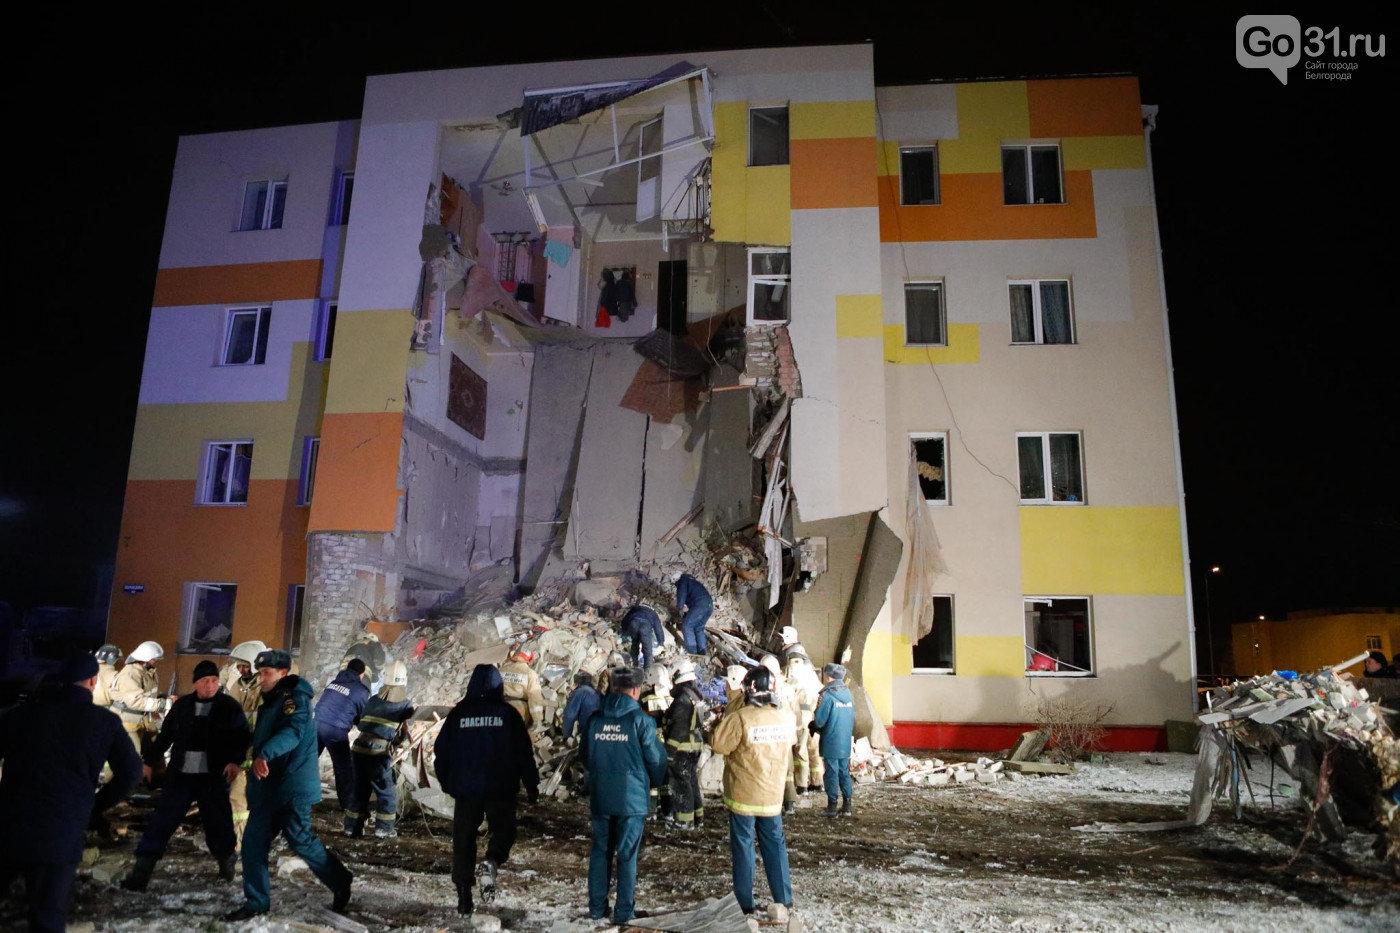 Под Белгородом достраивают дом для пострадавших от взрыва газа семей, фото-1